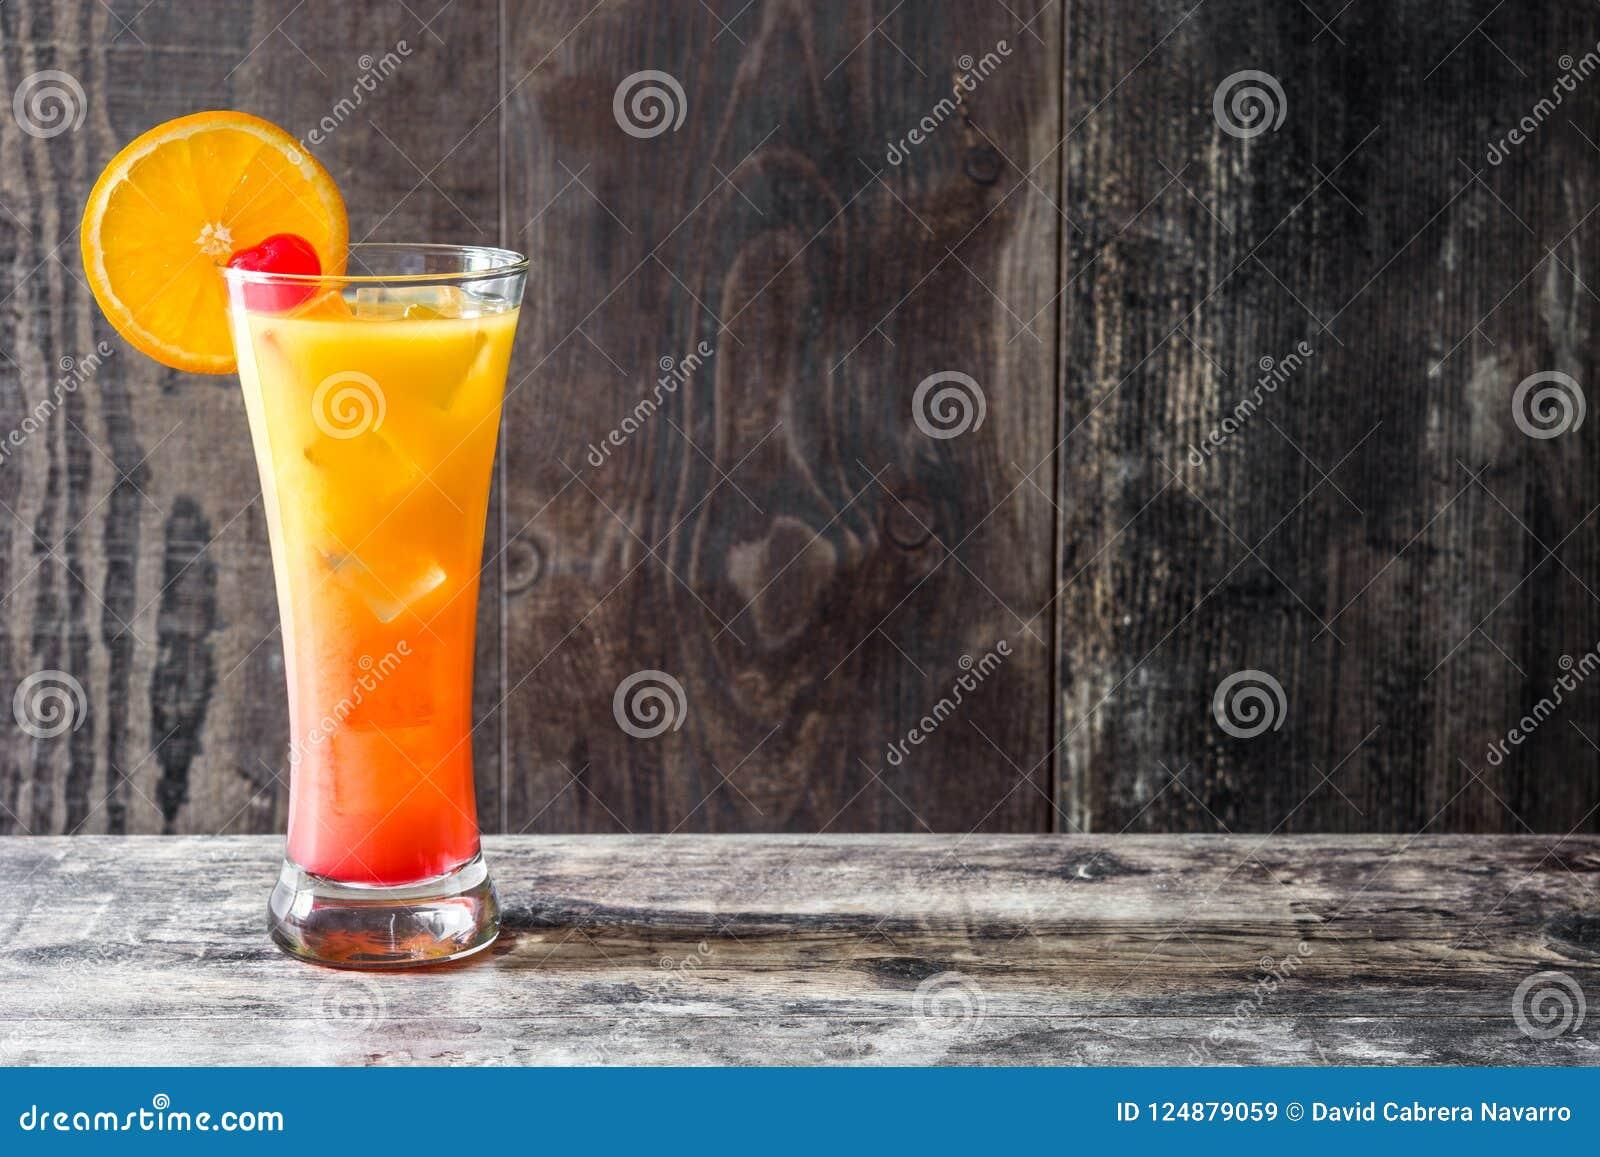 Cocktail de lever de soleil de tequila en verre sur la table en bois